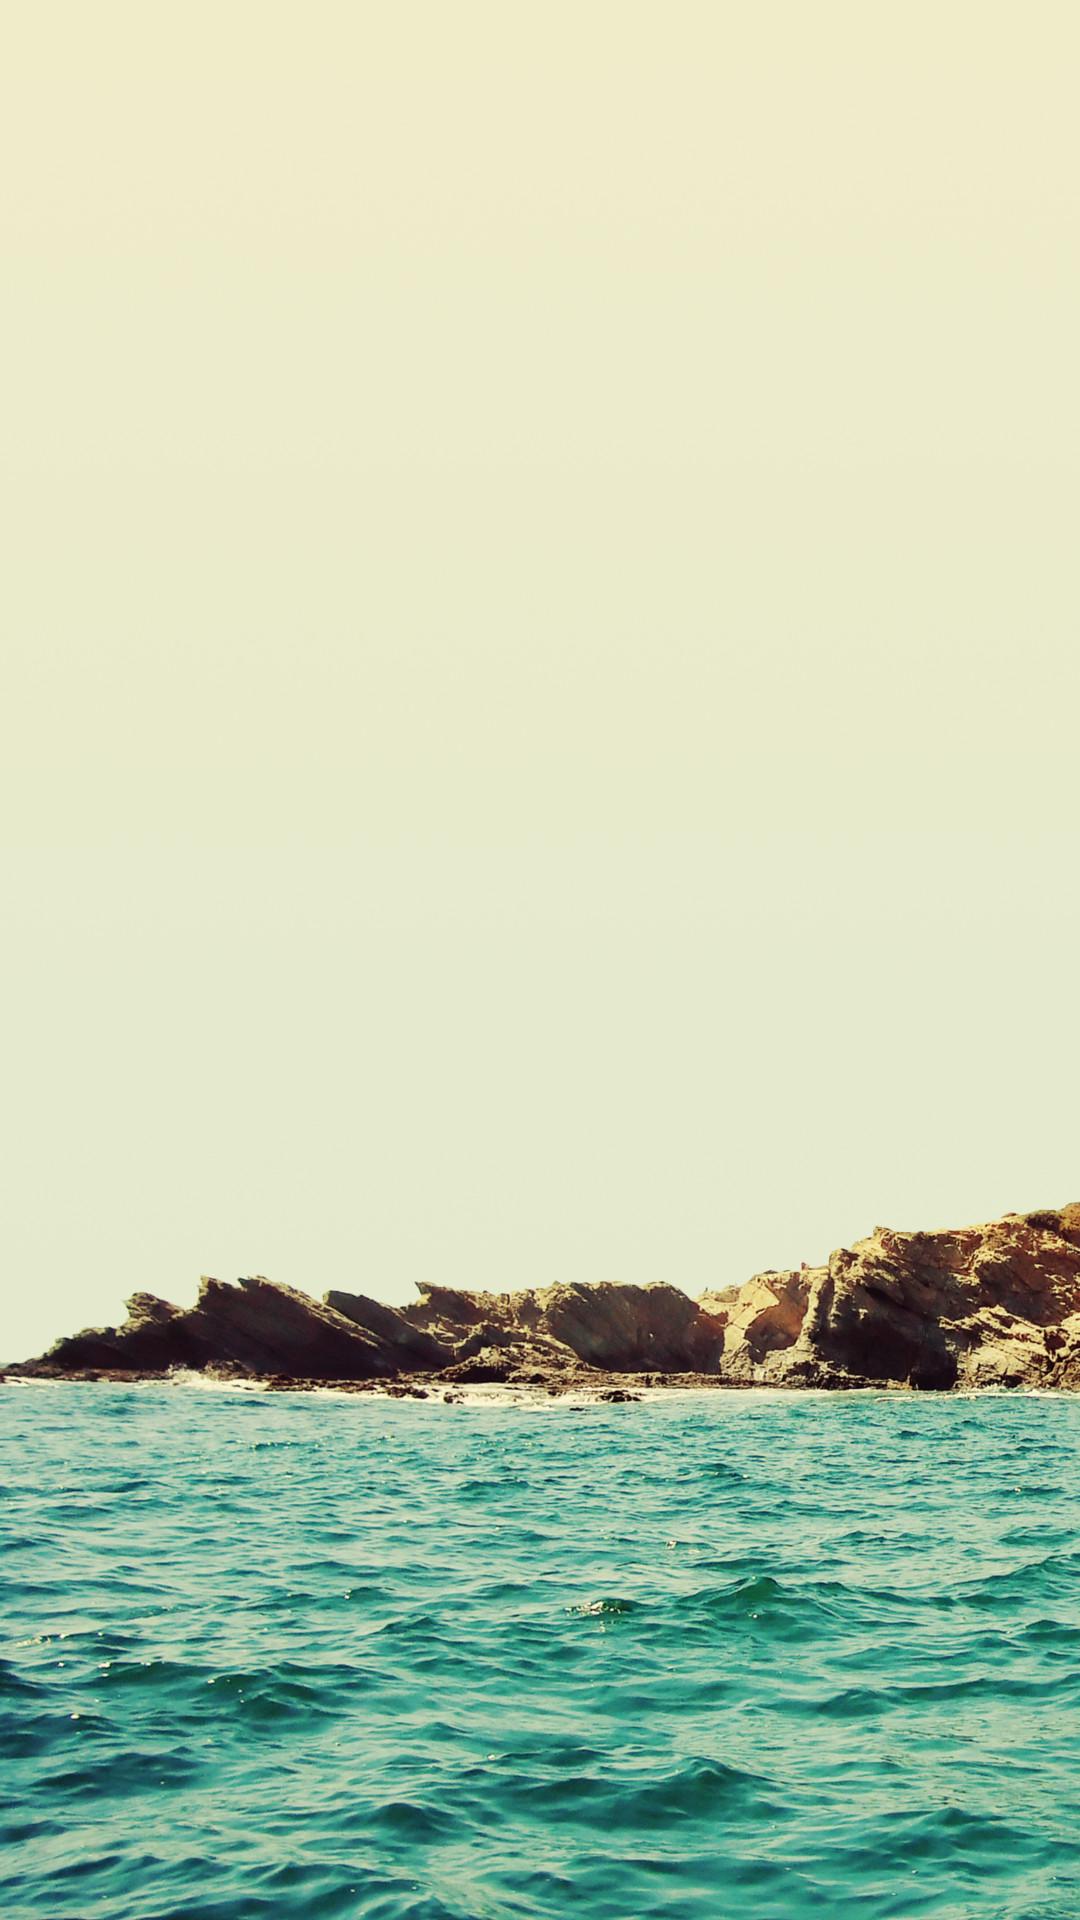 Rocky Beach Ocean Waves iPhone 6+ HD Wallpaper …